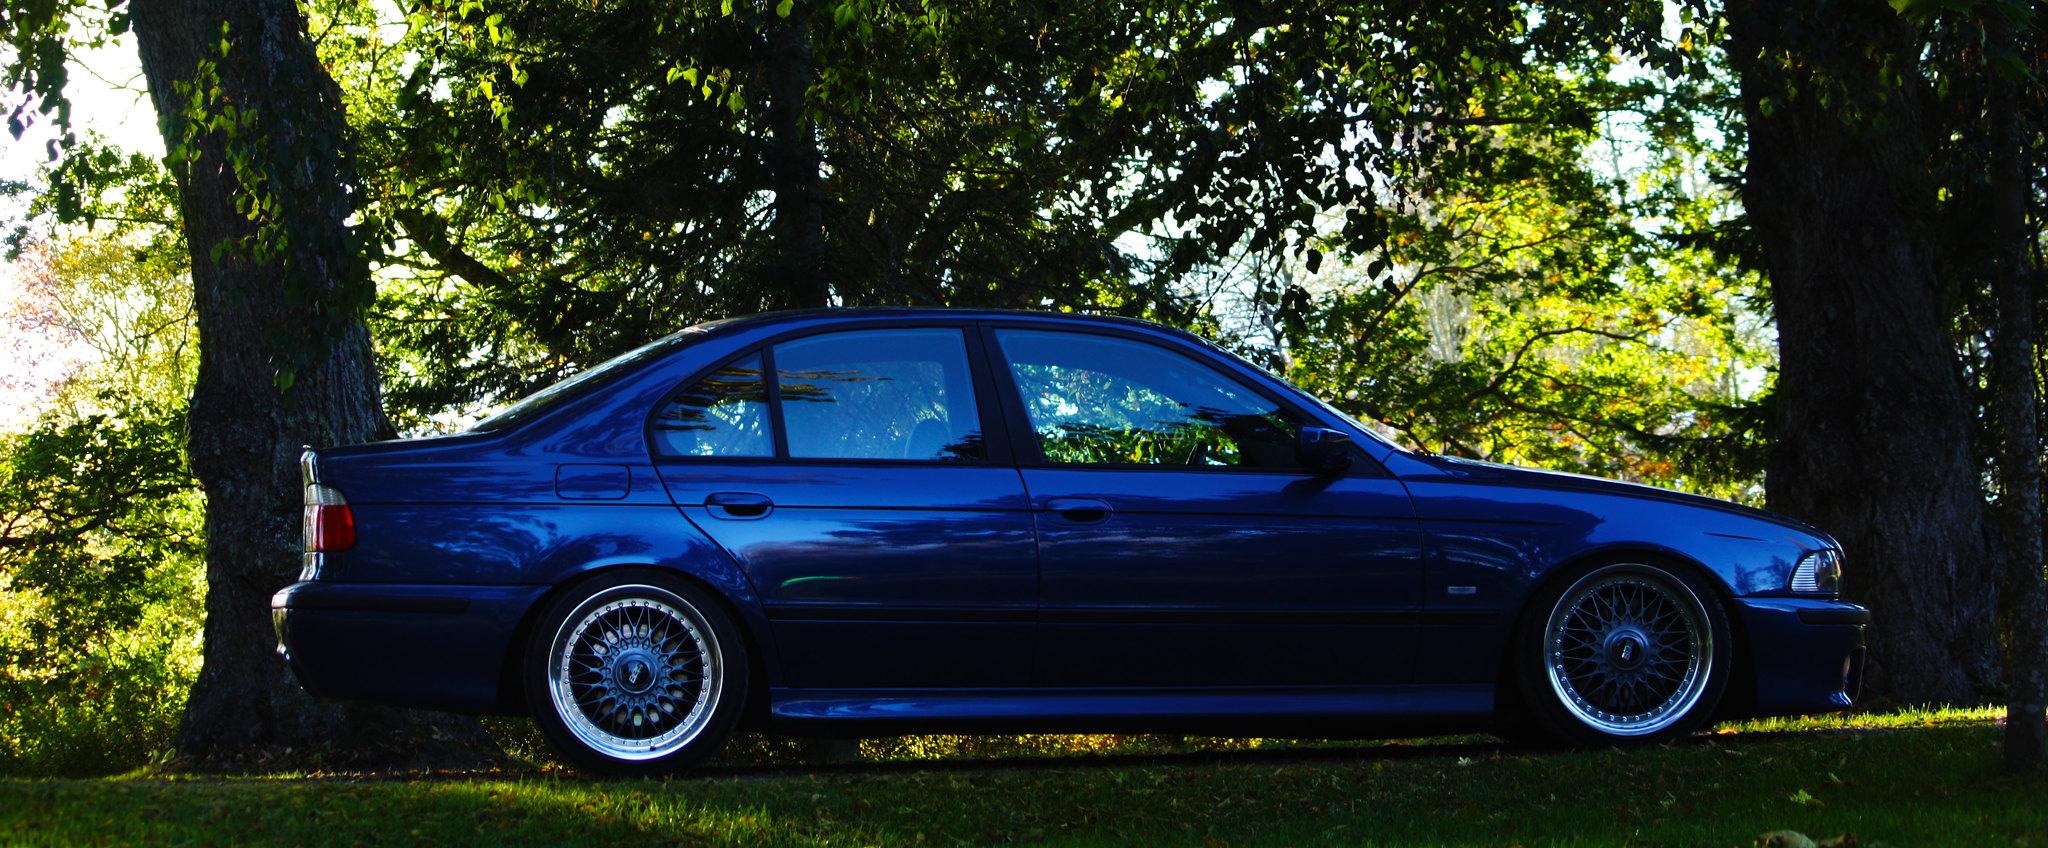 t0mpp4: BMW e39 24598251516_700409831e_k